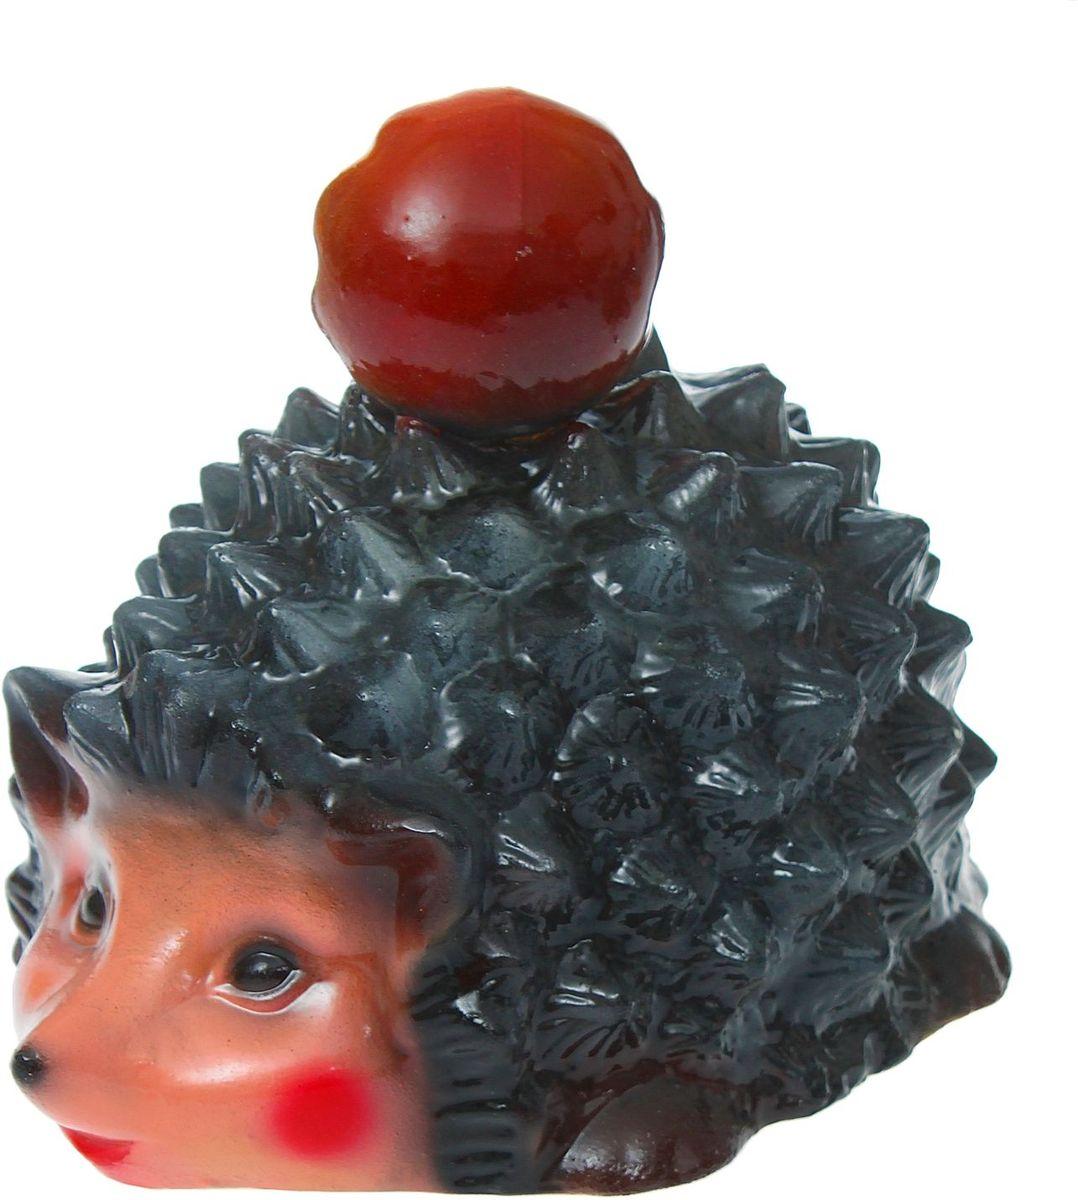 Фигура садовая Керамика ручной работы Ежик с грибом, 20 х 27 х 22 см531-401Фигурка ёжика придаст саду очарование. Этот зверёк символизирует запасливость, поэтому поможет вырастить и сохранить богатый урожай.Такой садовый декор выгоднее всего будет смотреться в траве или под деревьями — в природных местах обитания ежей.Фигура создаст солнечное настроение даже в пасмурный день и подарит саду индивидуальность. Дополните окружающее пространство оригинальной деталью.Садовая фигура из керамики легко выдержит уличные условия. Этот материал экологичен, ему не страшны ни солнечные лучи, ни влажность, ни перепады температуры.